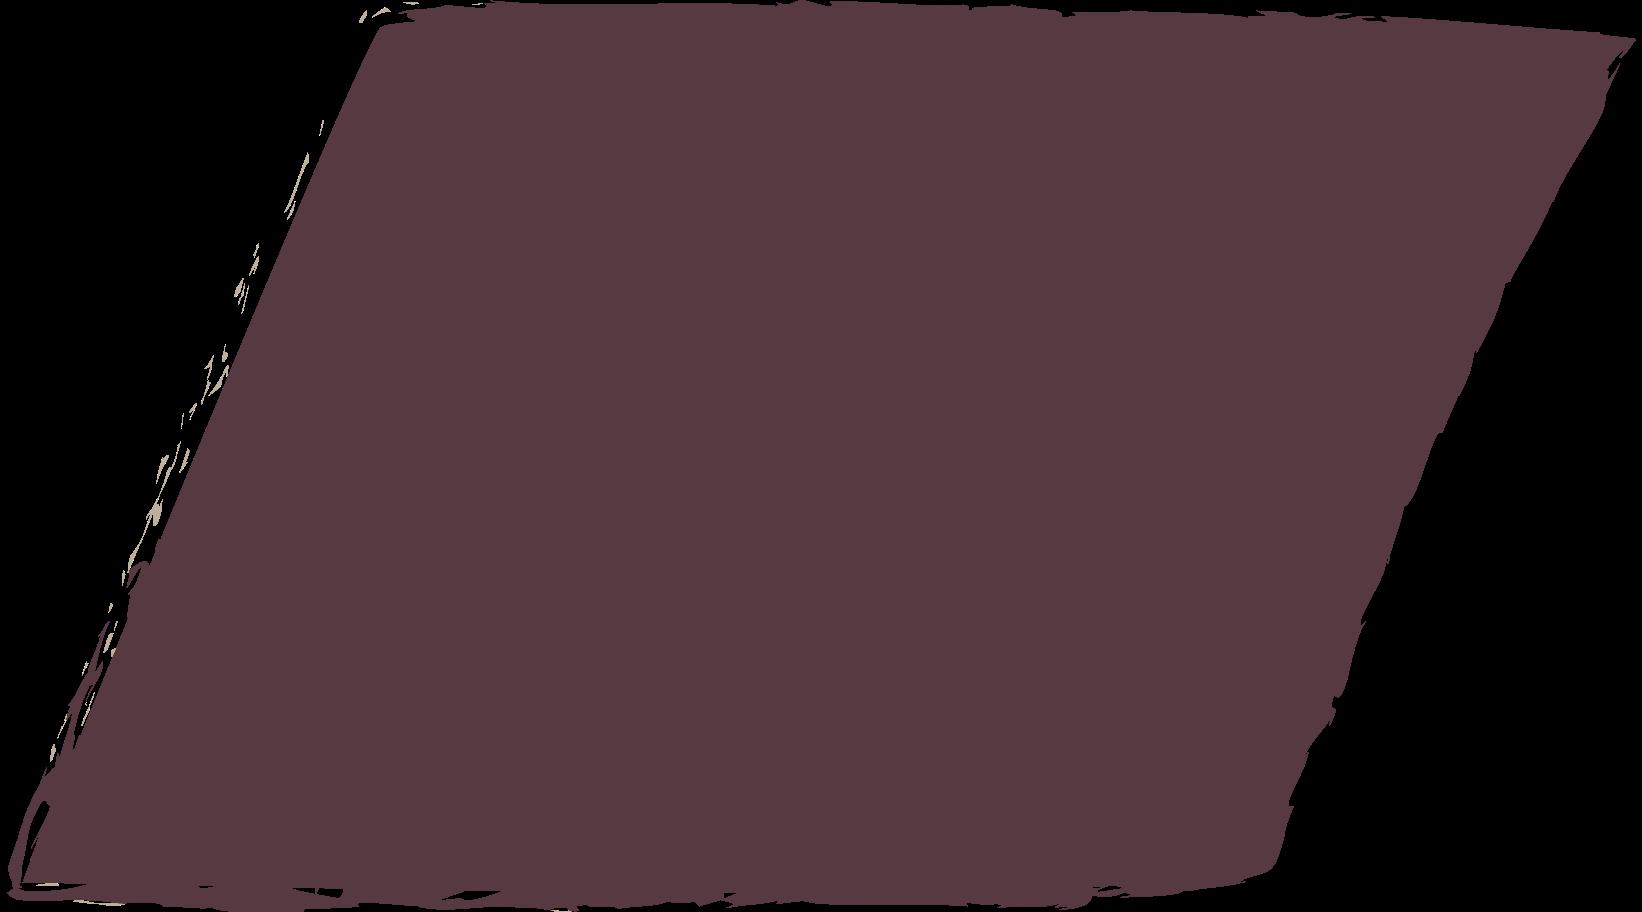 parallelogram-dark-brown Clipart illustration in PNG, SVG